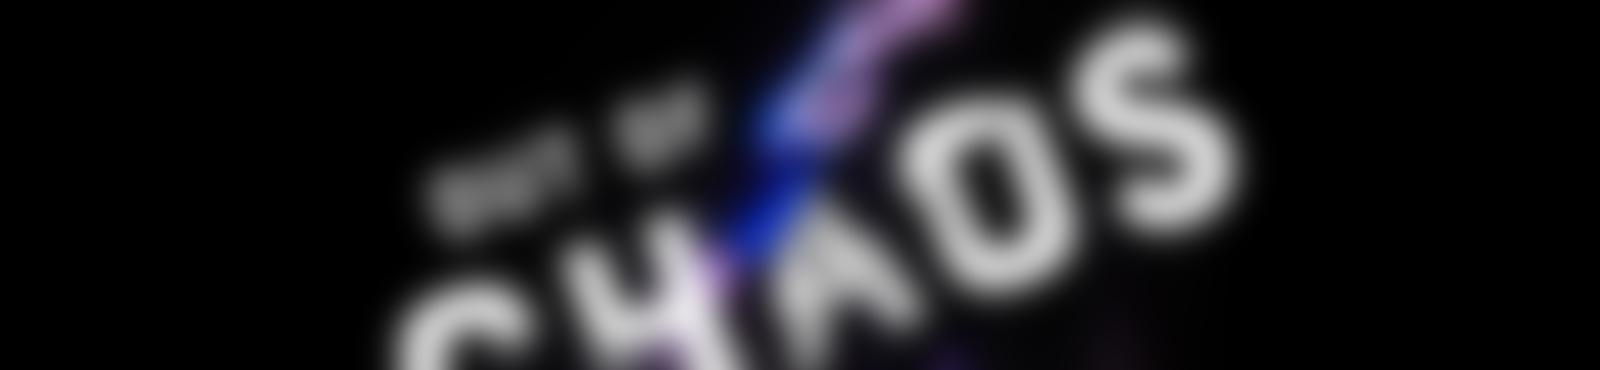 Blurred 6df8c3b8 5421 4e62 8325 b57b45950f11